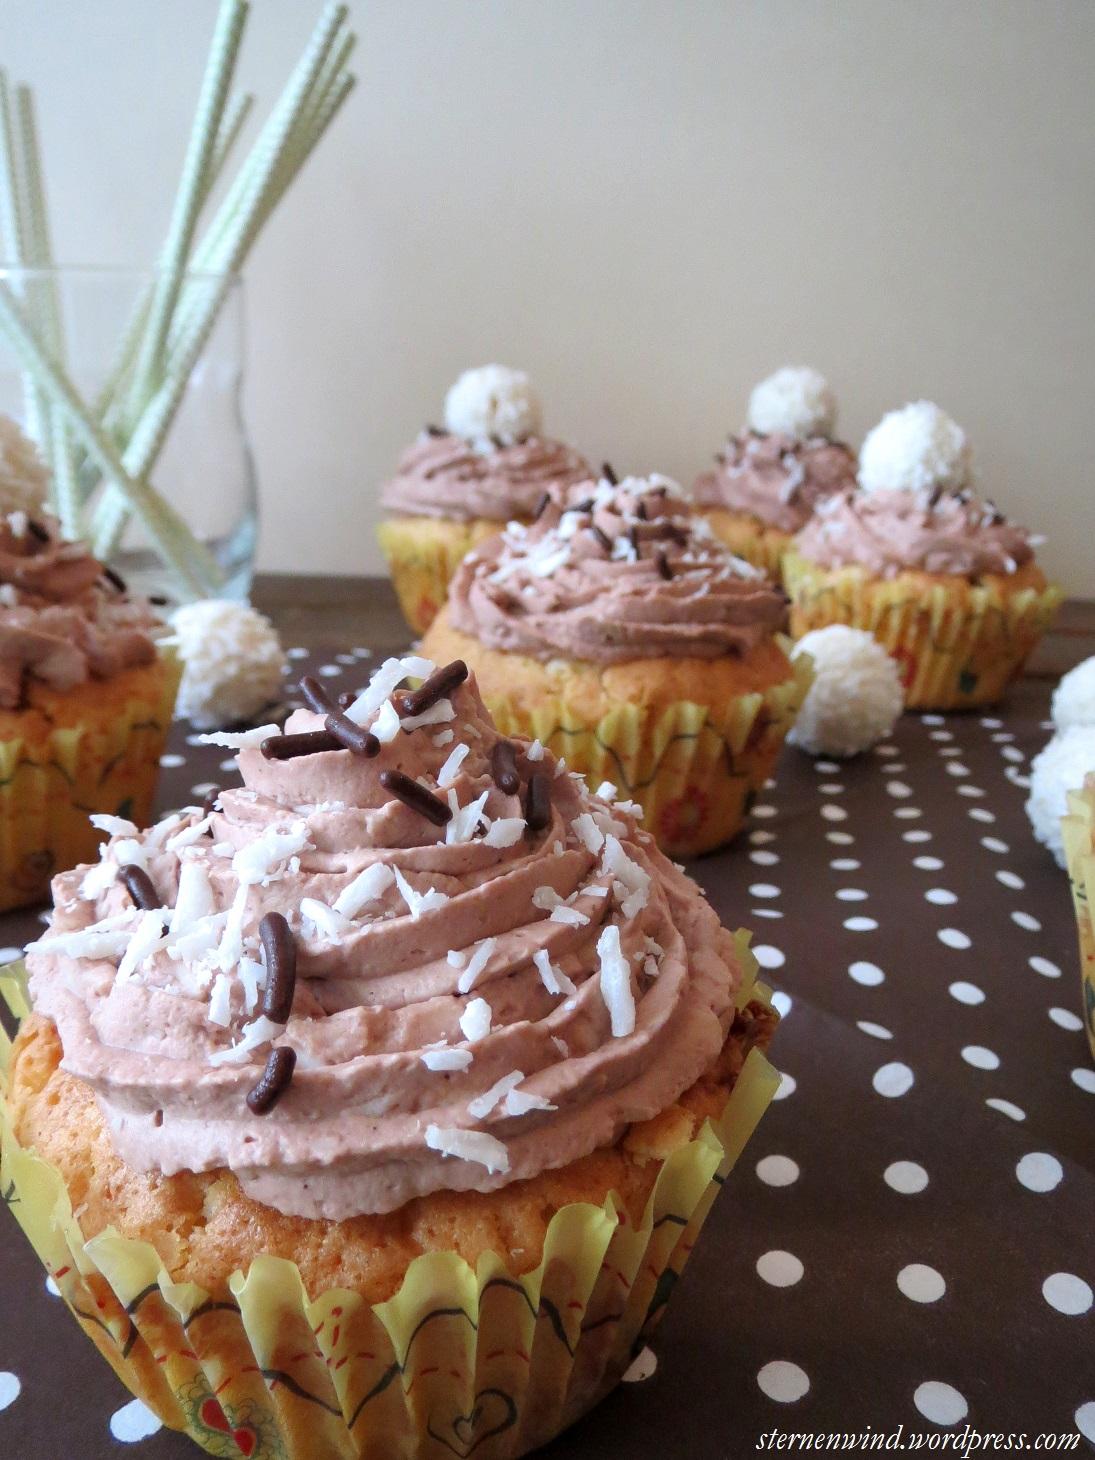 rezept raffaello cupcakes mit wei er schokolade und kokos kakao topping sternenwind blog. Black Bedroom Furniture Sets. Home Design Ideas